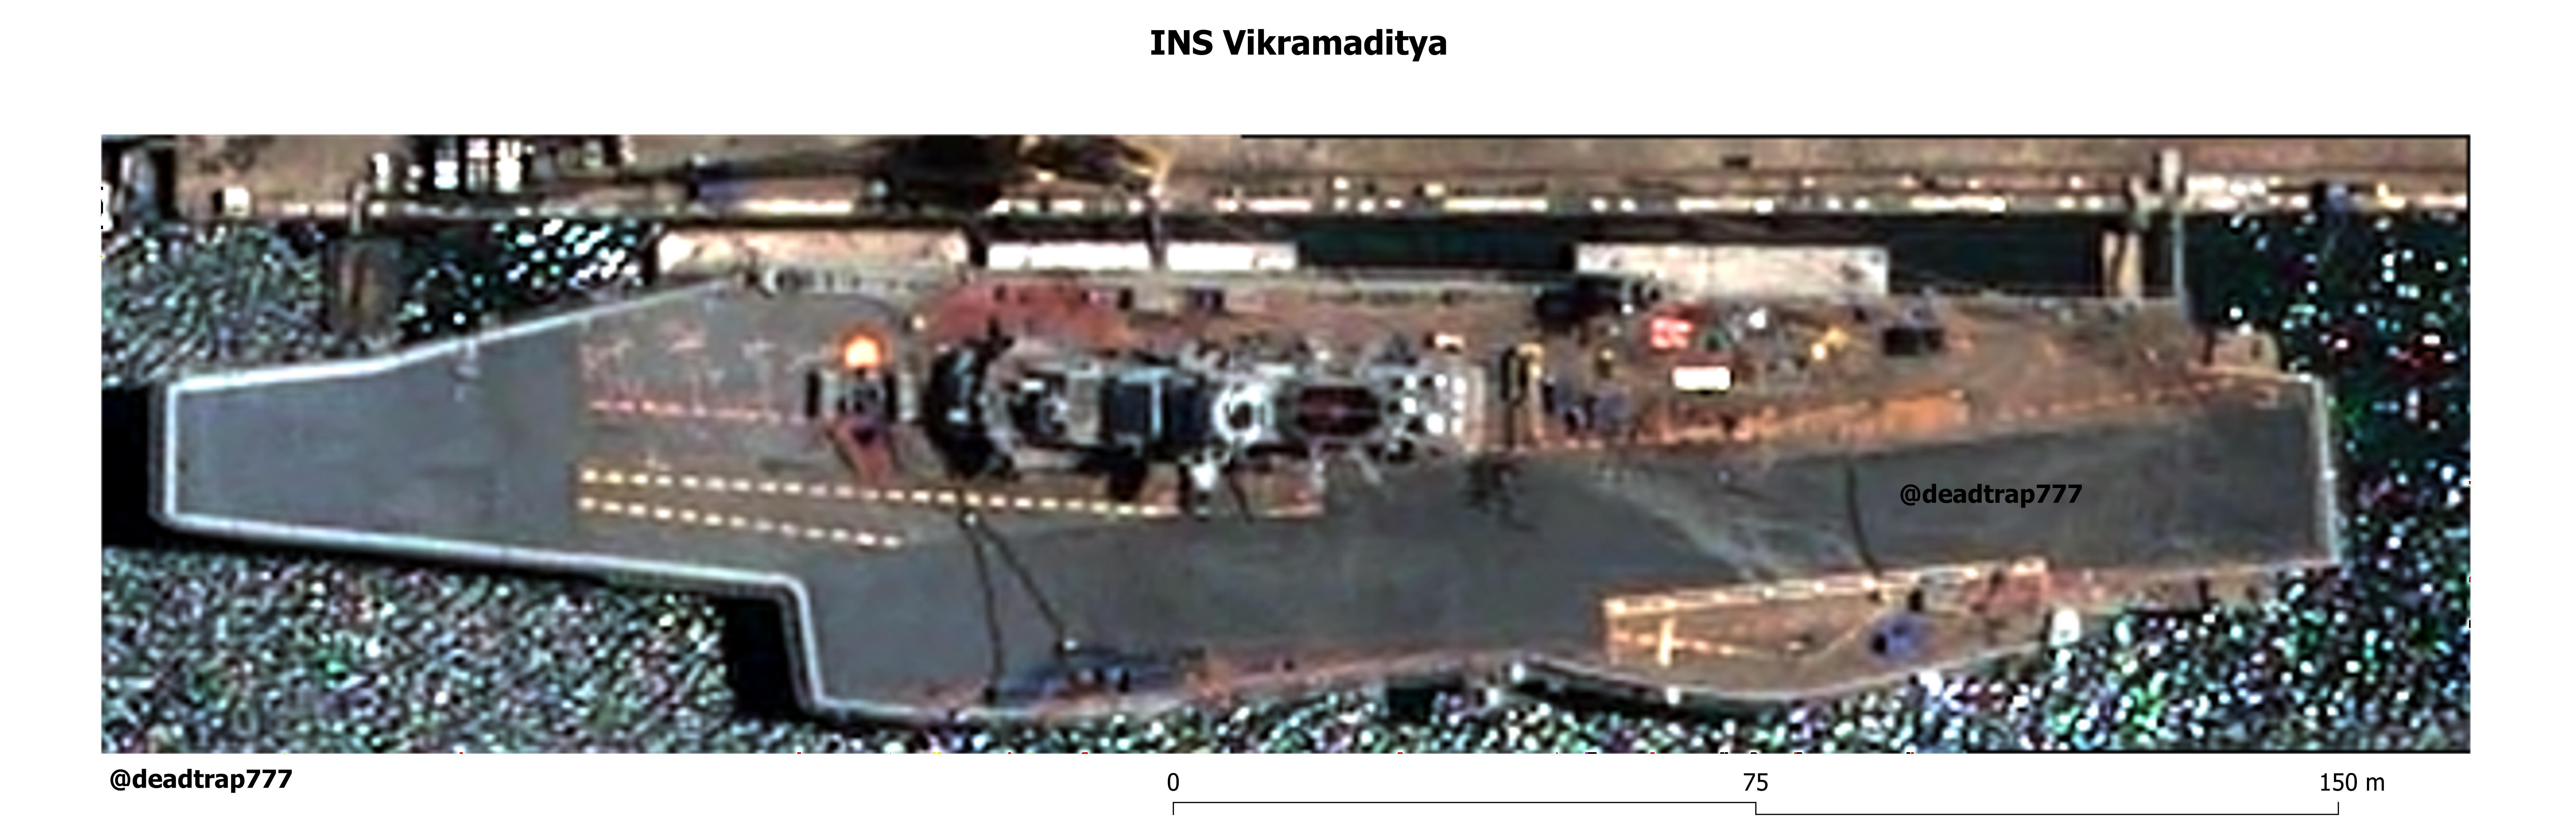 INS Vikramaditya Final.jpg